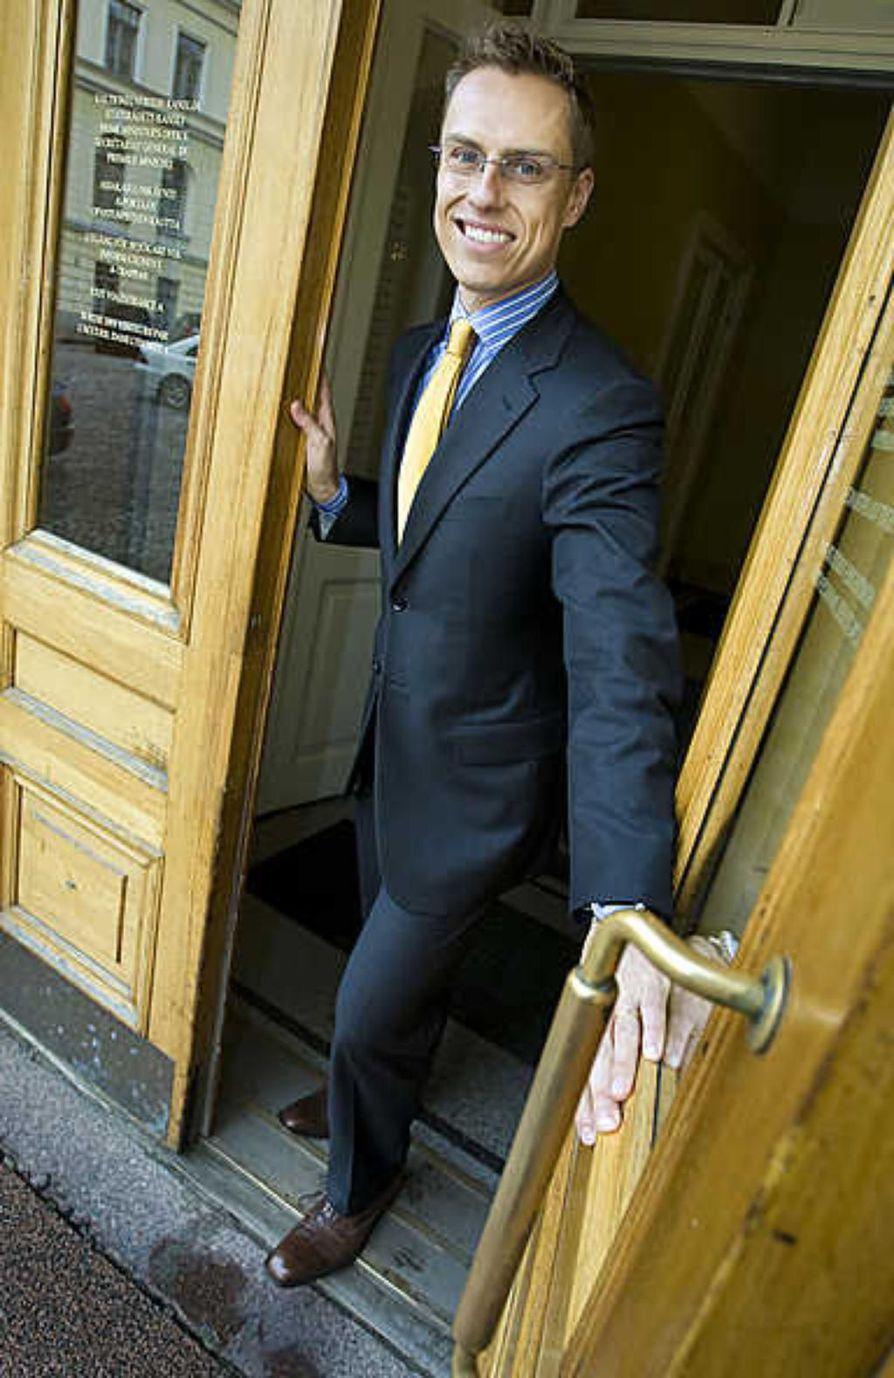 """Ulkoministeri Alexander Stubb korostaa, että keskustelu presidentin valtaoikeuksista liittyy vuoden 2012 jälkeiseen elämään."""" Meillä yhteistyö sujuu ja henkilökemiat ovat toimineet aina. Arvostan presidentti Tarja Halosta ja hänen kokemustaan. Tulemme todella hyvin toimeen ja meidän yhteistyömme on kivaa."""""""